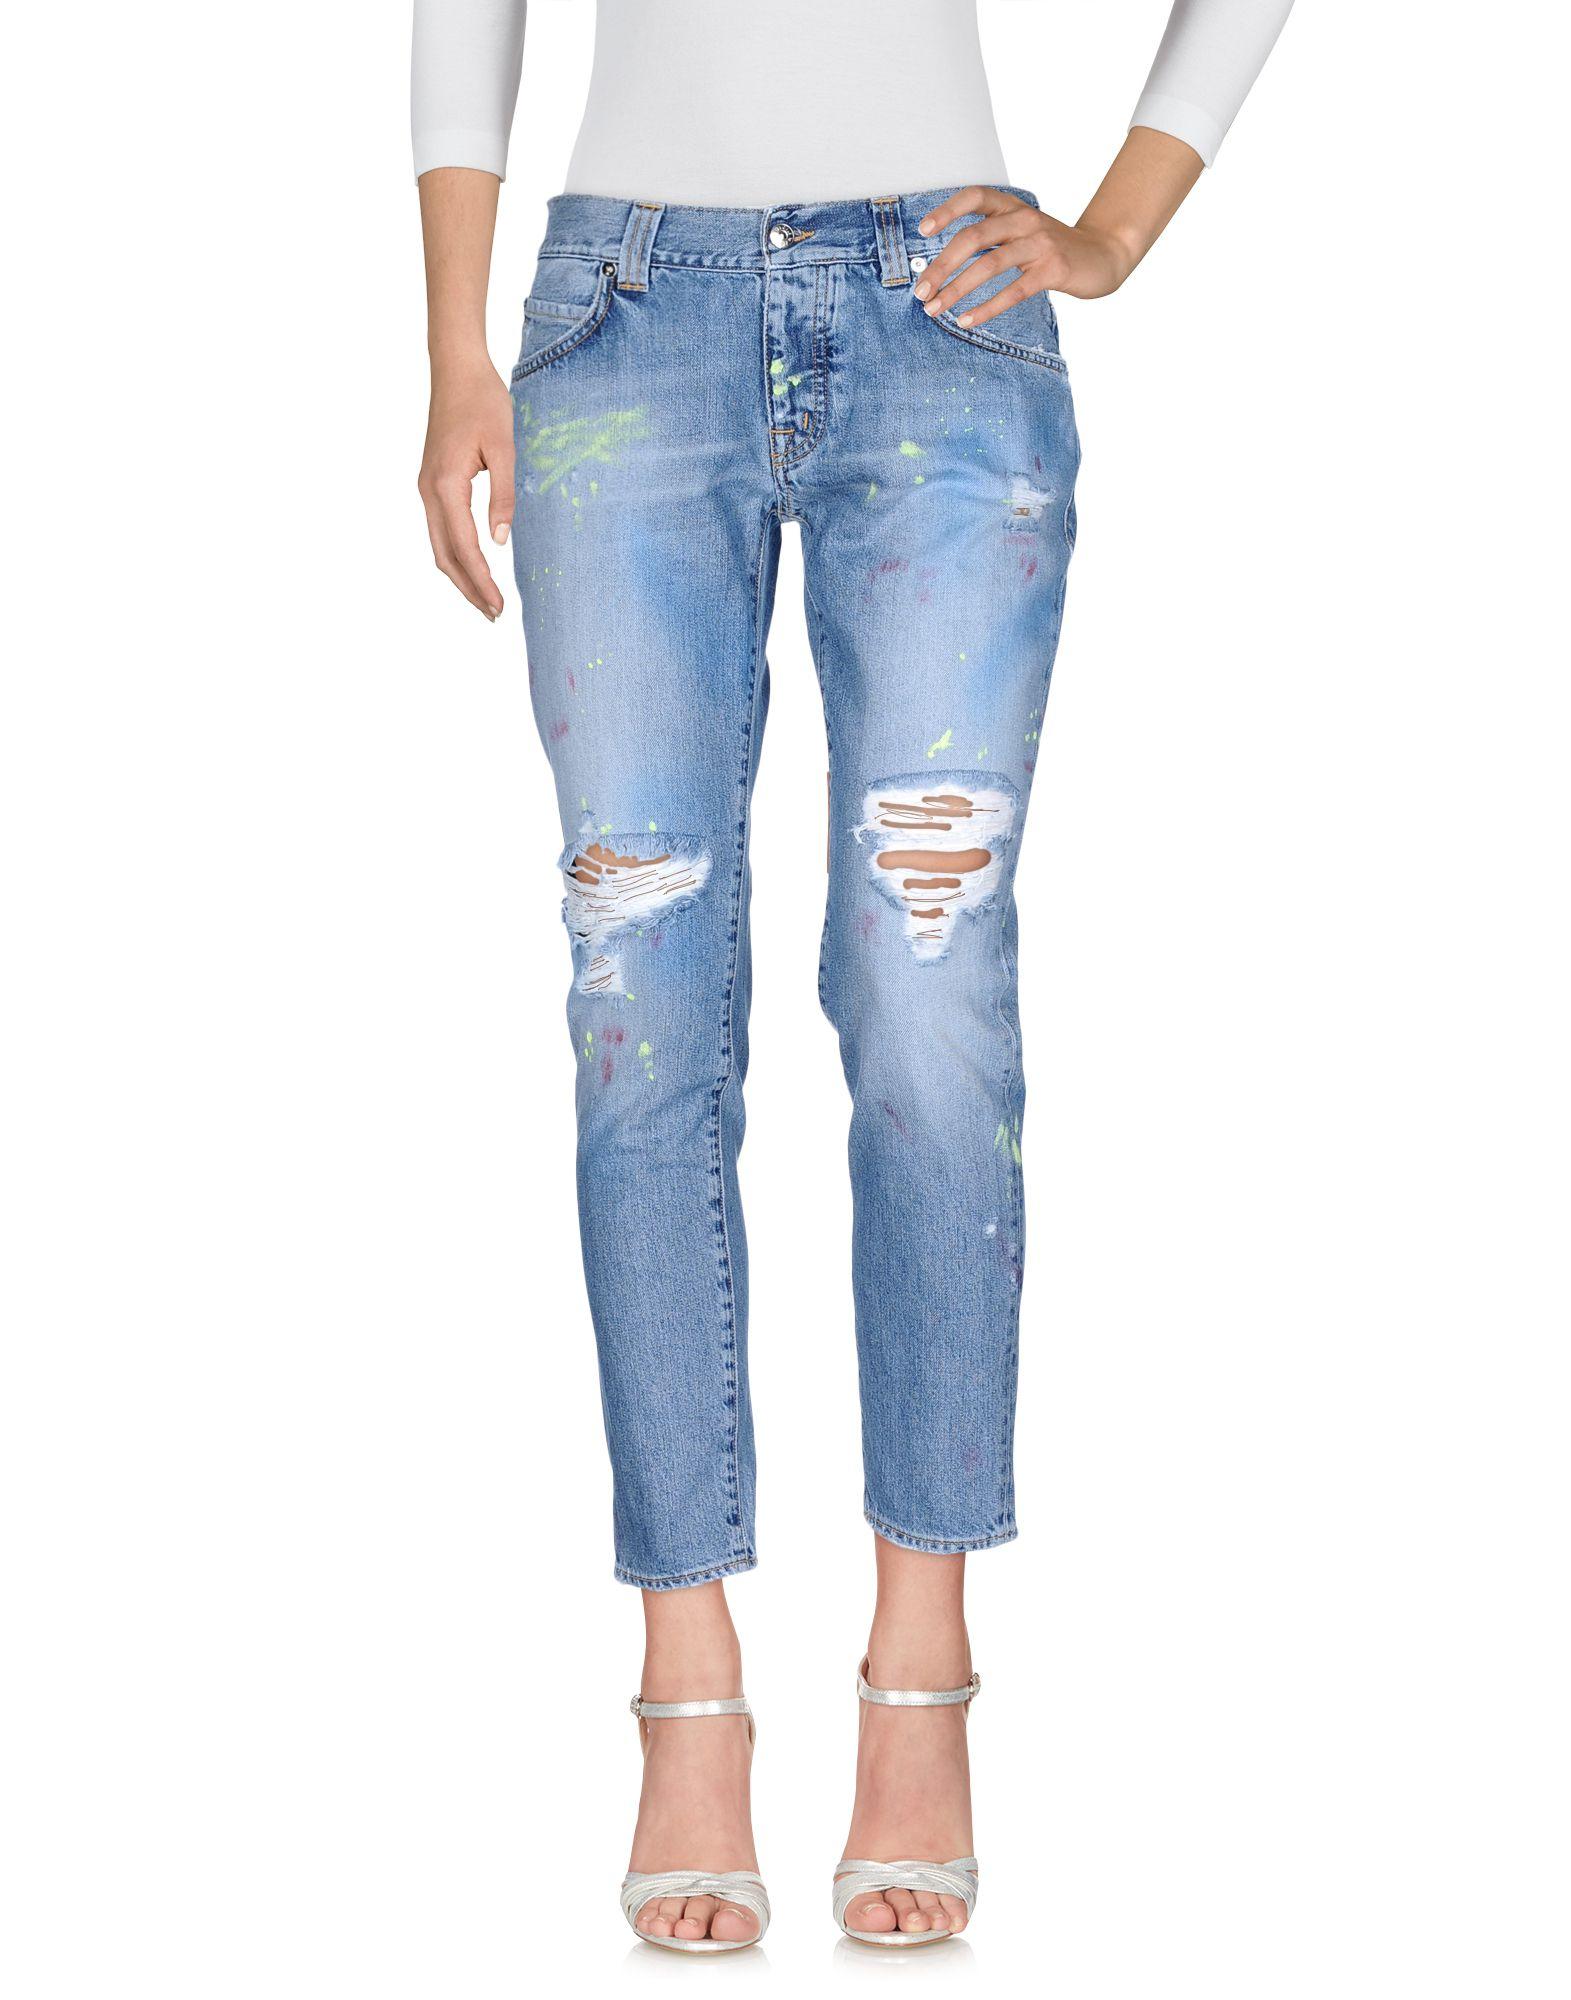 Pantaloni Jeans (+) People Donna - Acquista online su FmzgU